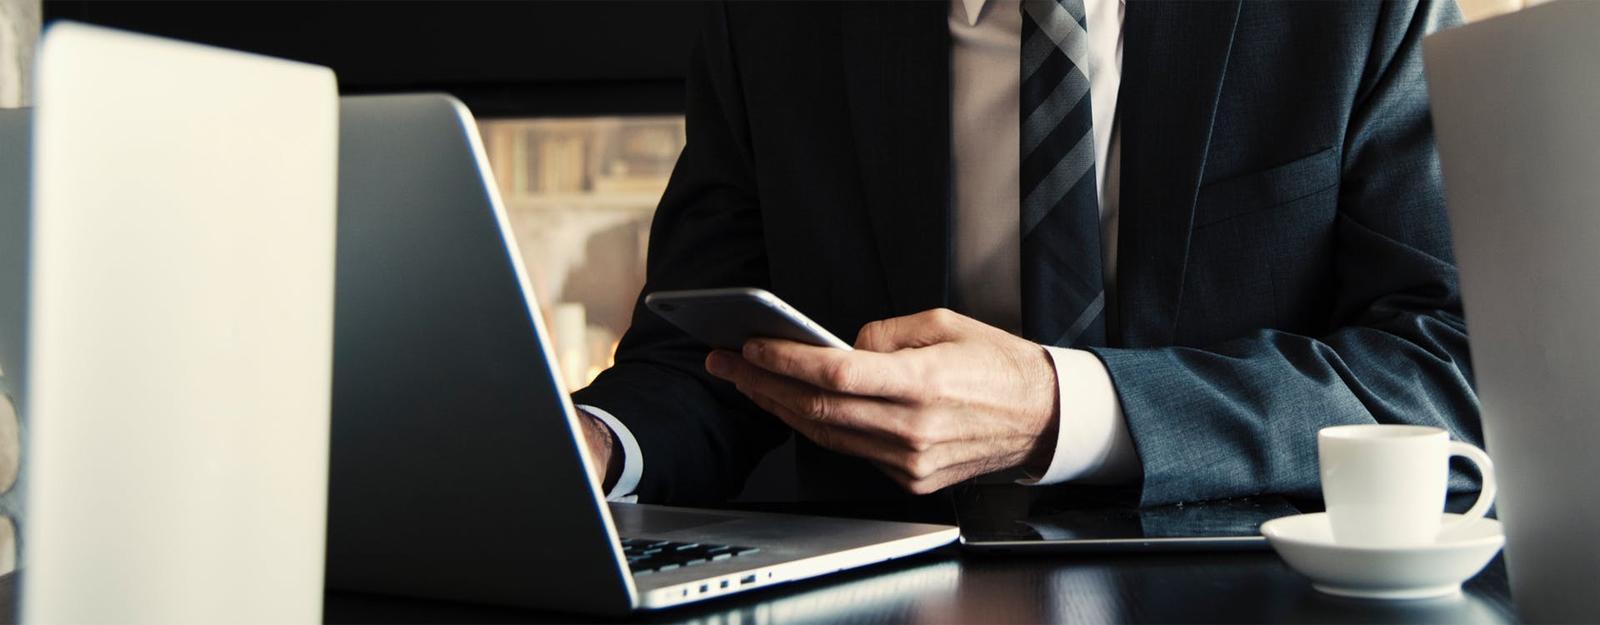 Advogados especializados em Direito Digital